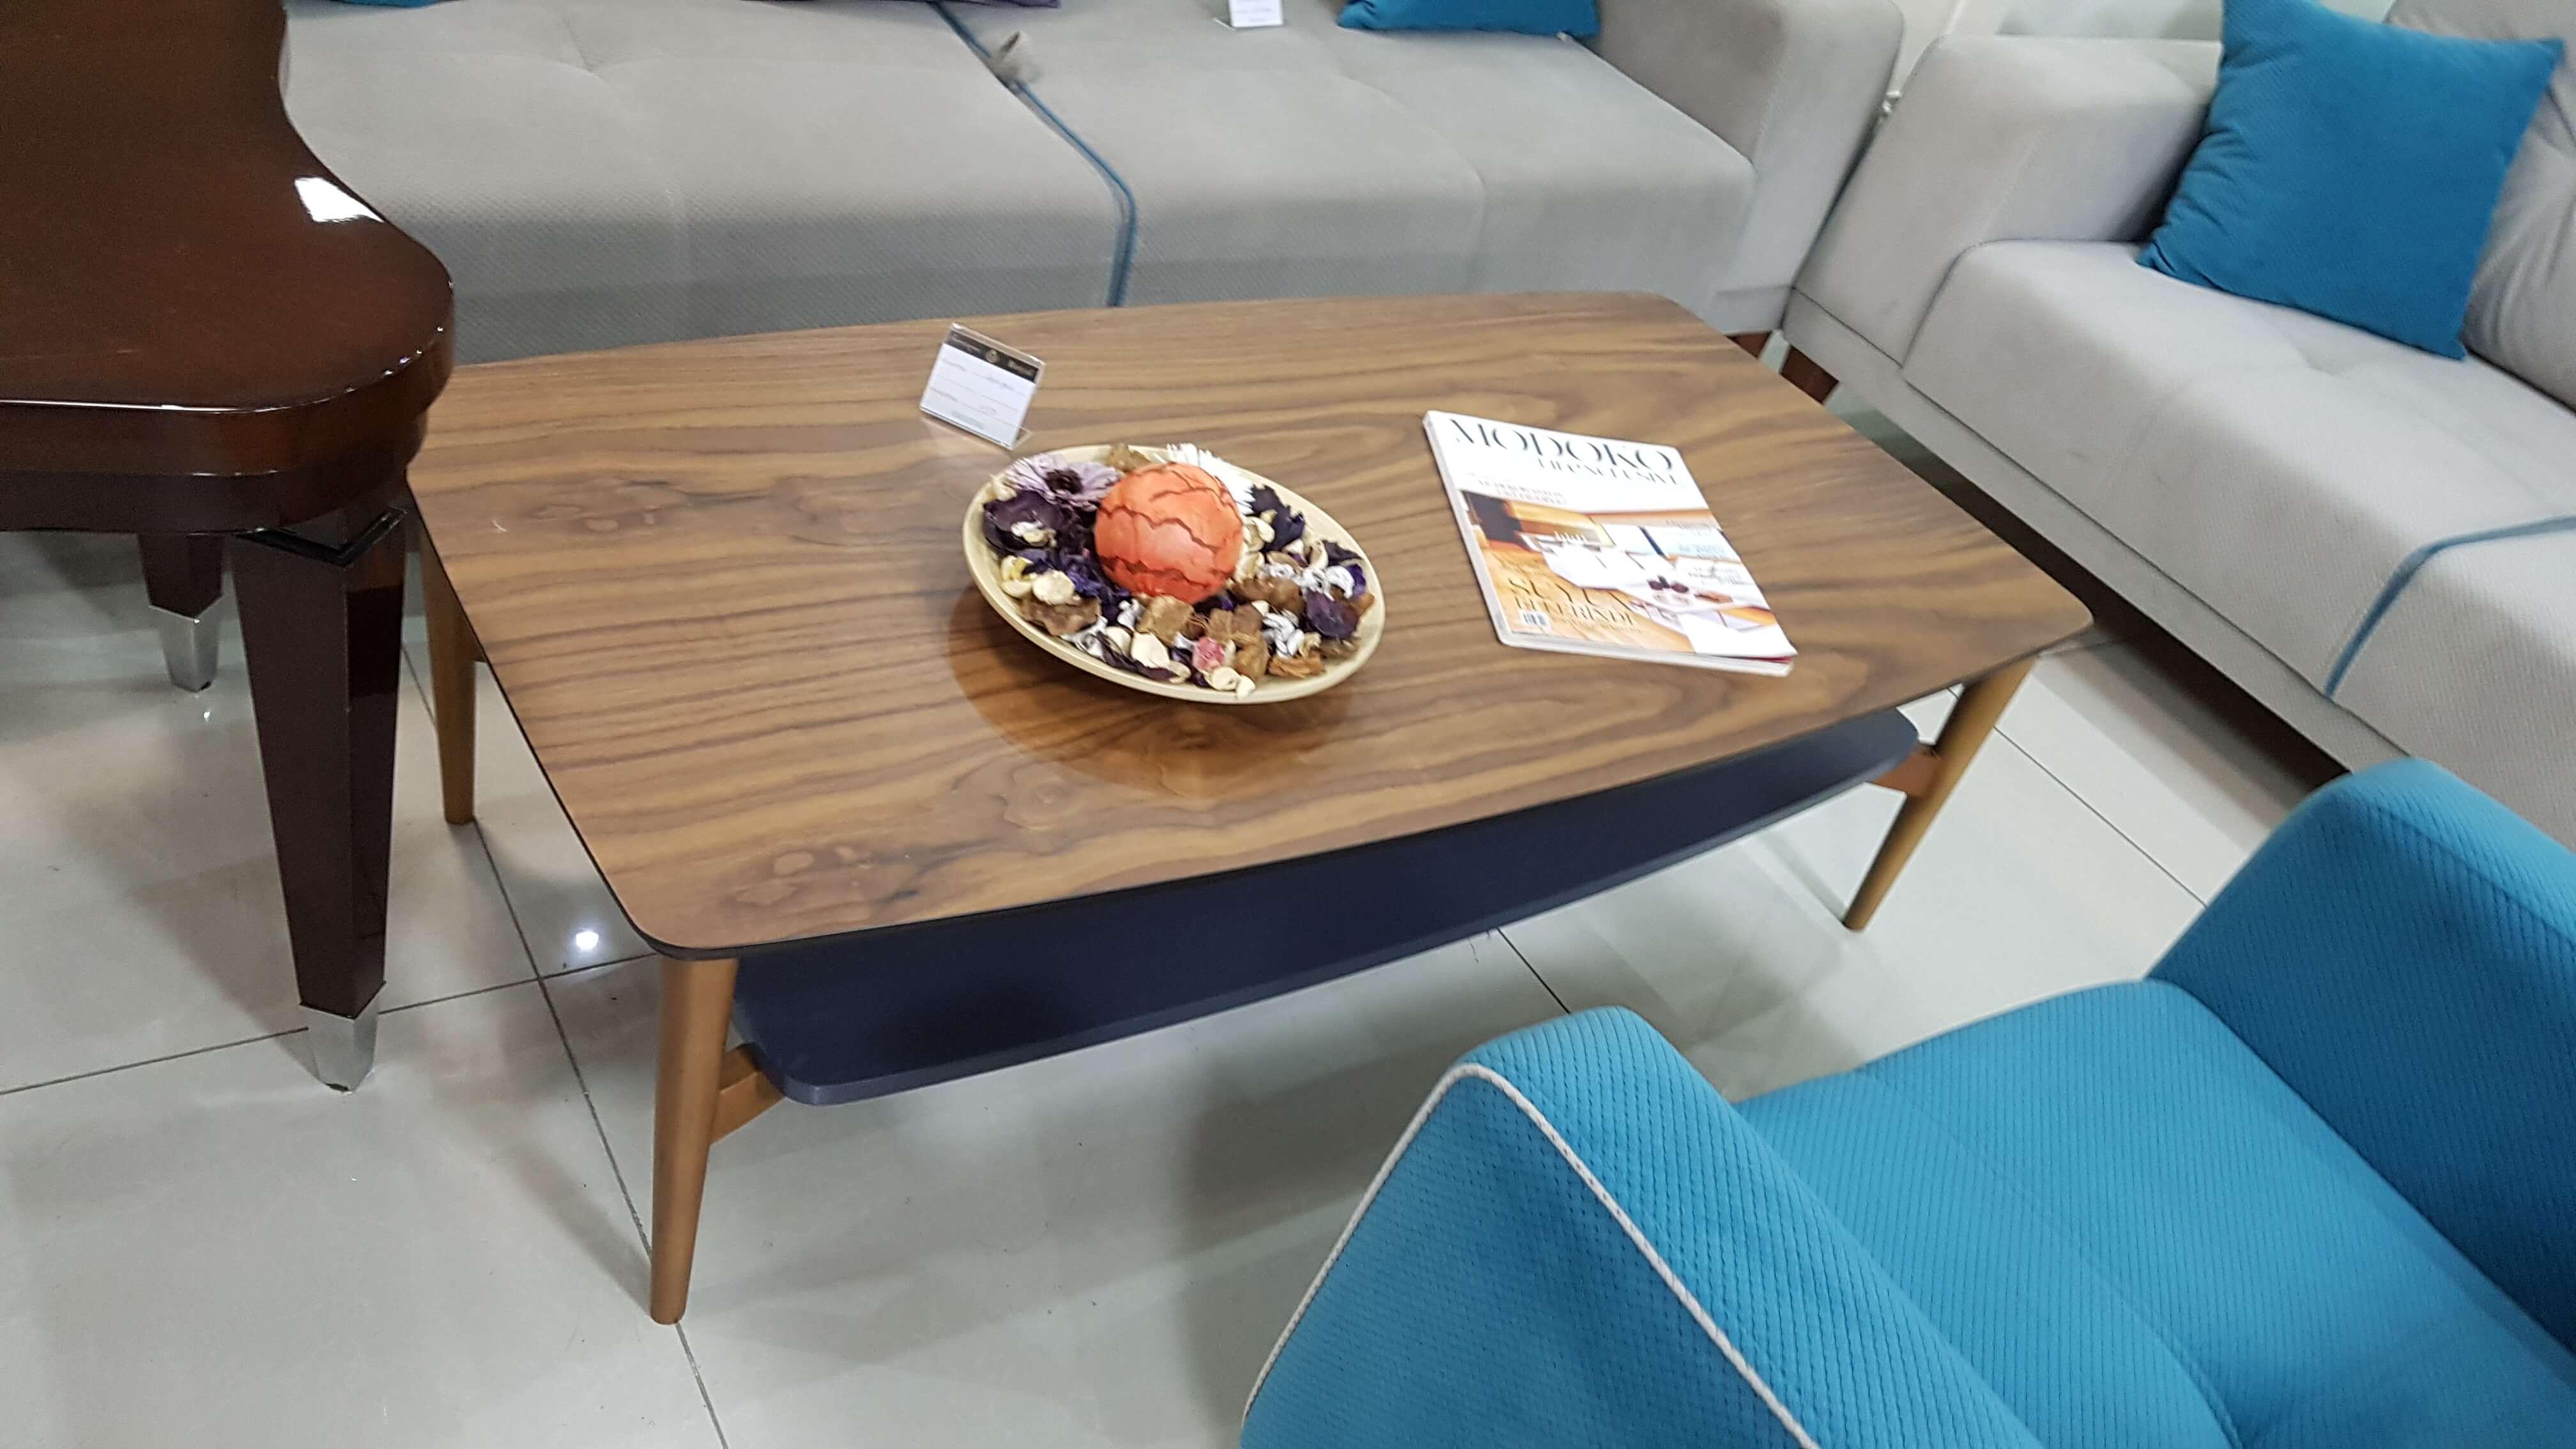 ჟურნალის მაგიდა